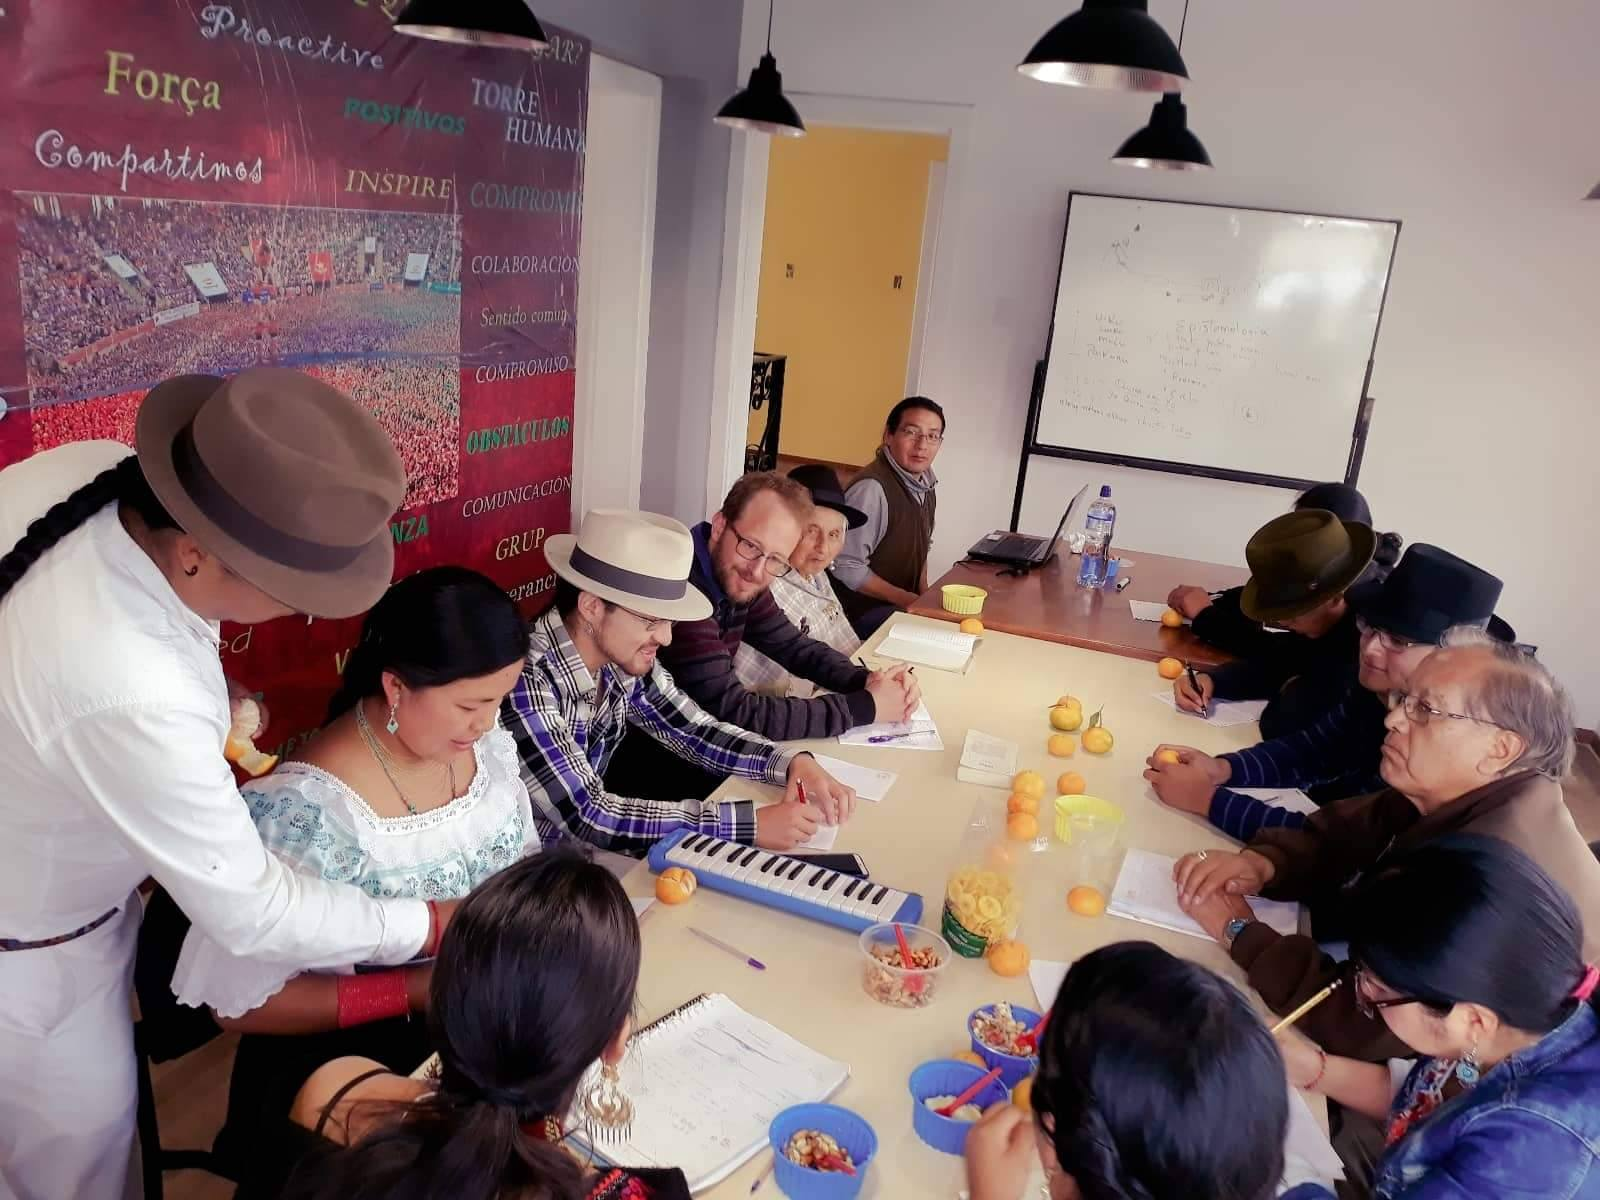 Um grupo de estudantes estudando quíchua, uma das línguas ancestrais do Equador. Foto enviada, usada sob permissão.